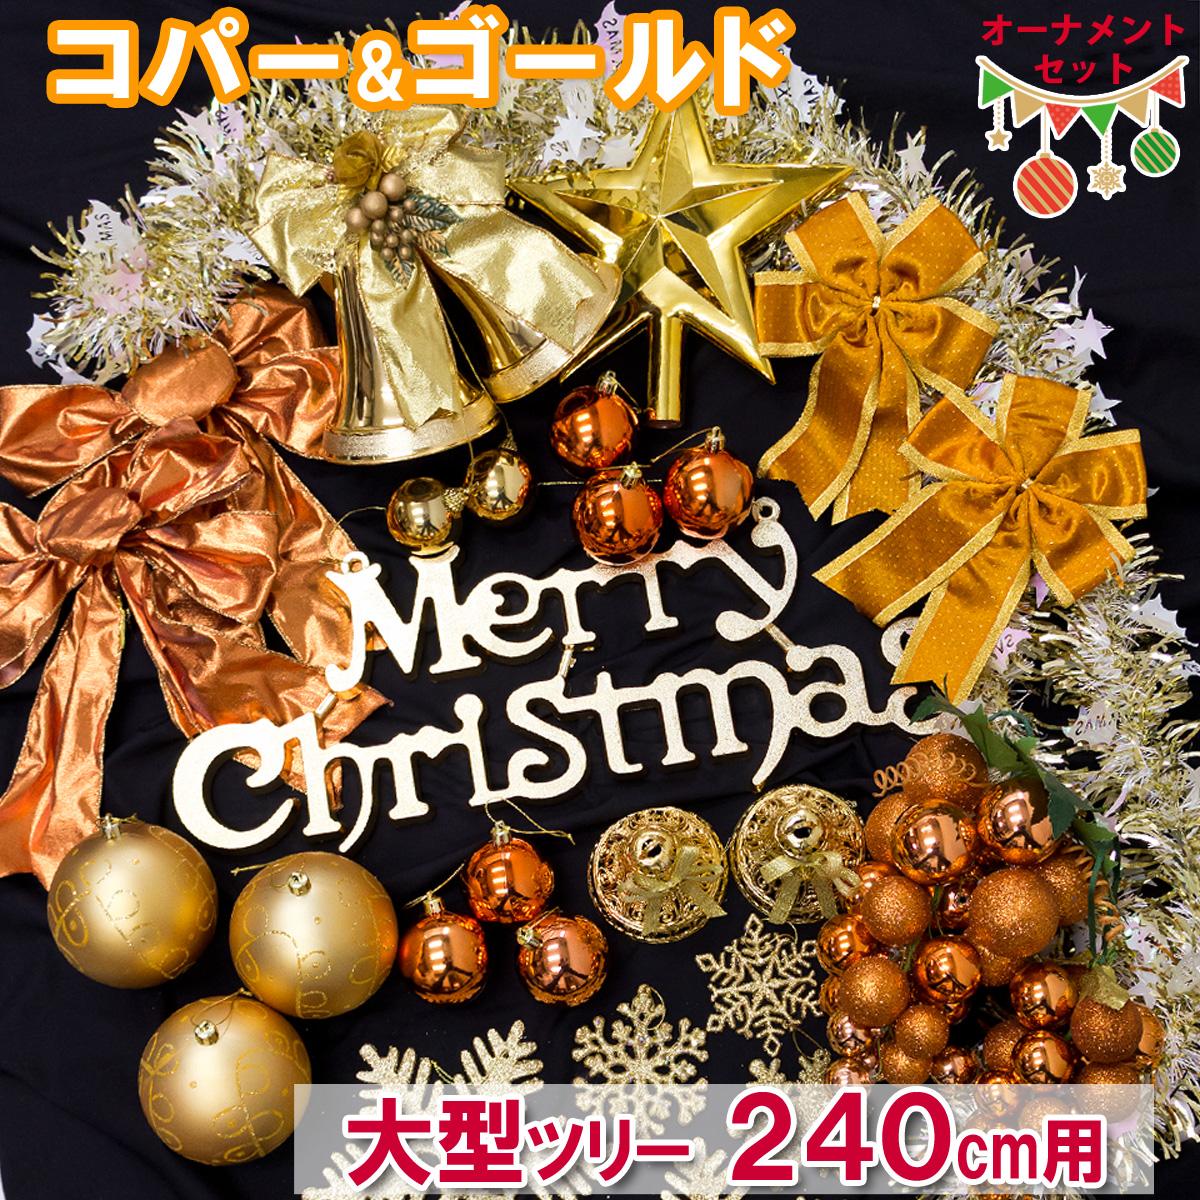 クリスマスツリー オーナメントセット 240cm 業務用 大型 オーナメント コパー&ゴールド グランデツリー 飾り